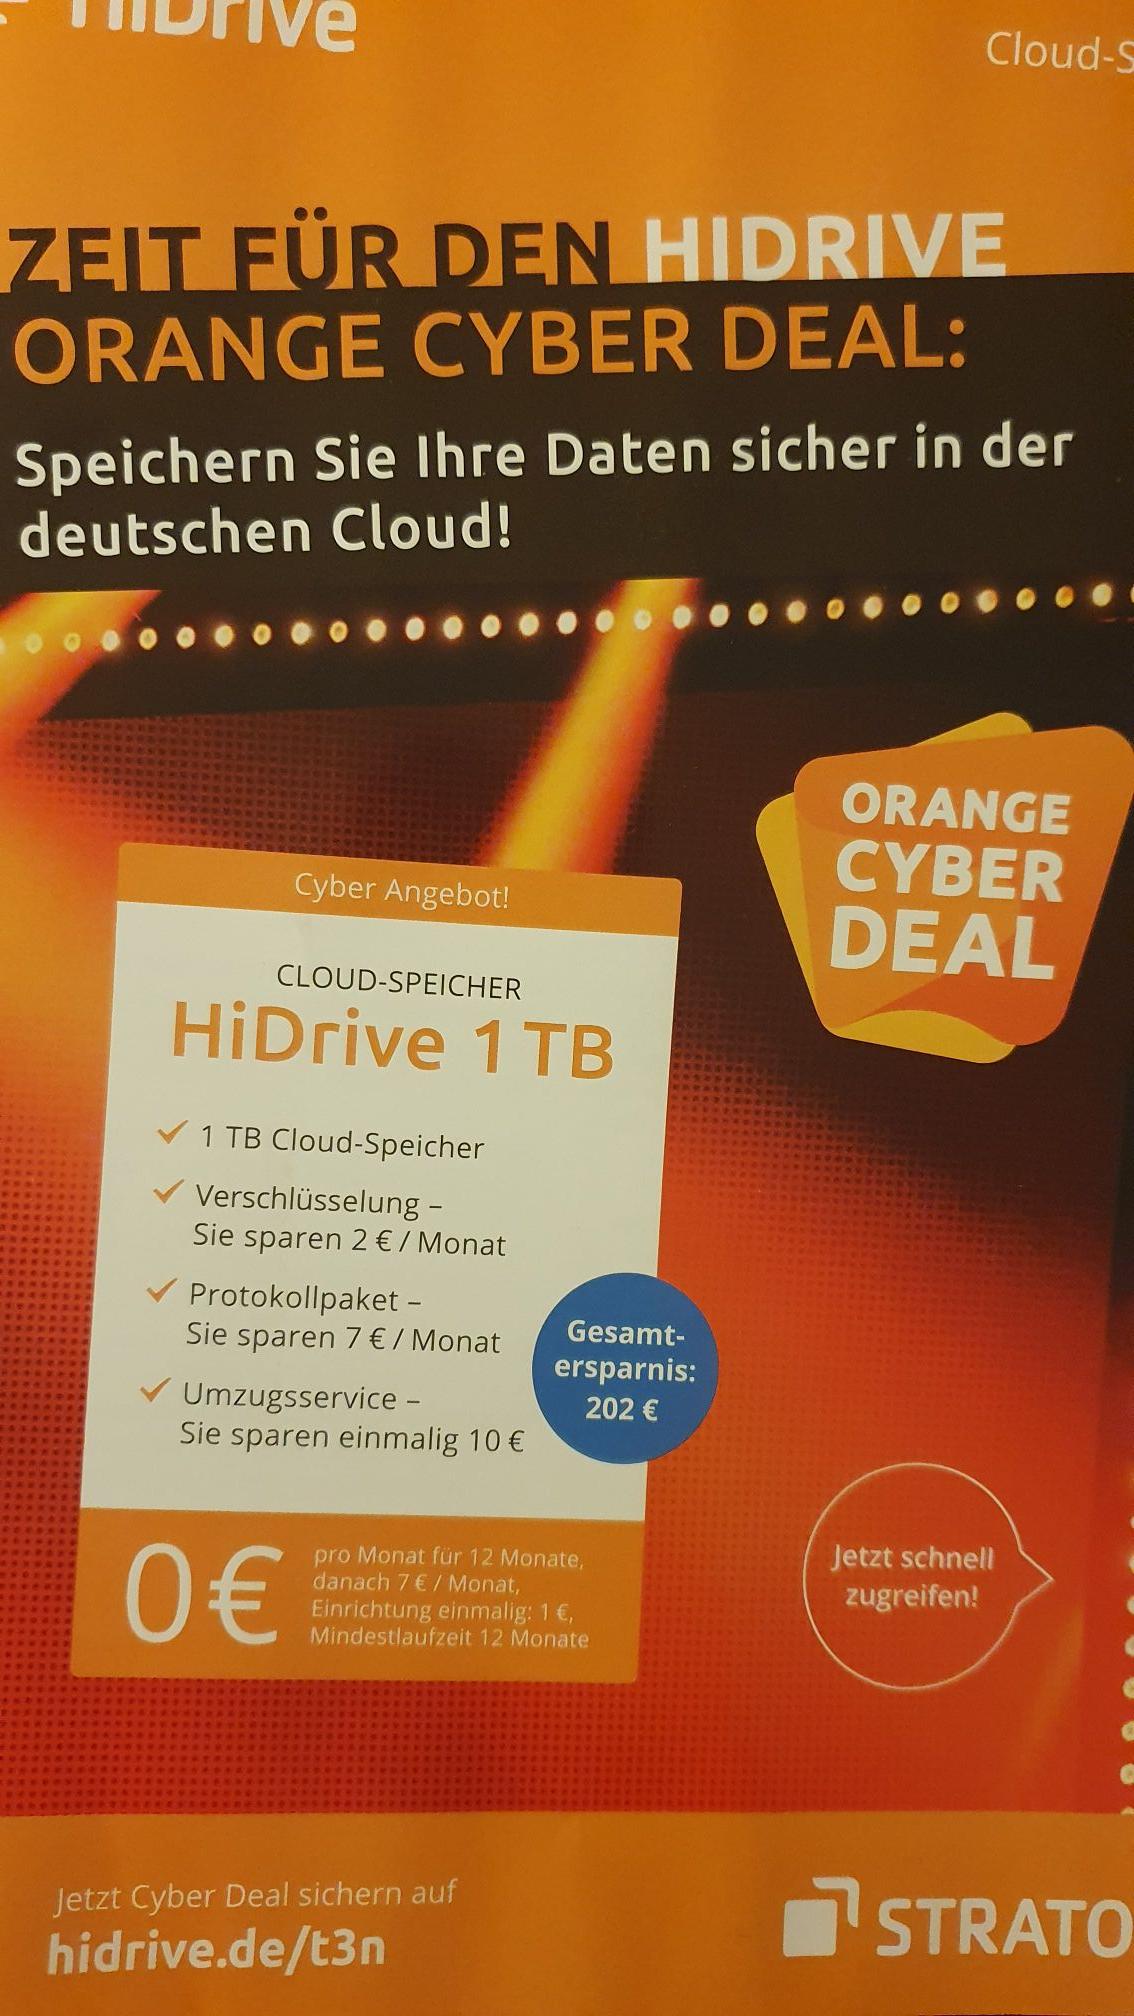 HiDrive Cloud-Speicher 1TB - 12 Monate 0 €